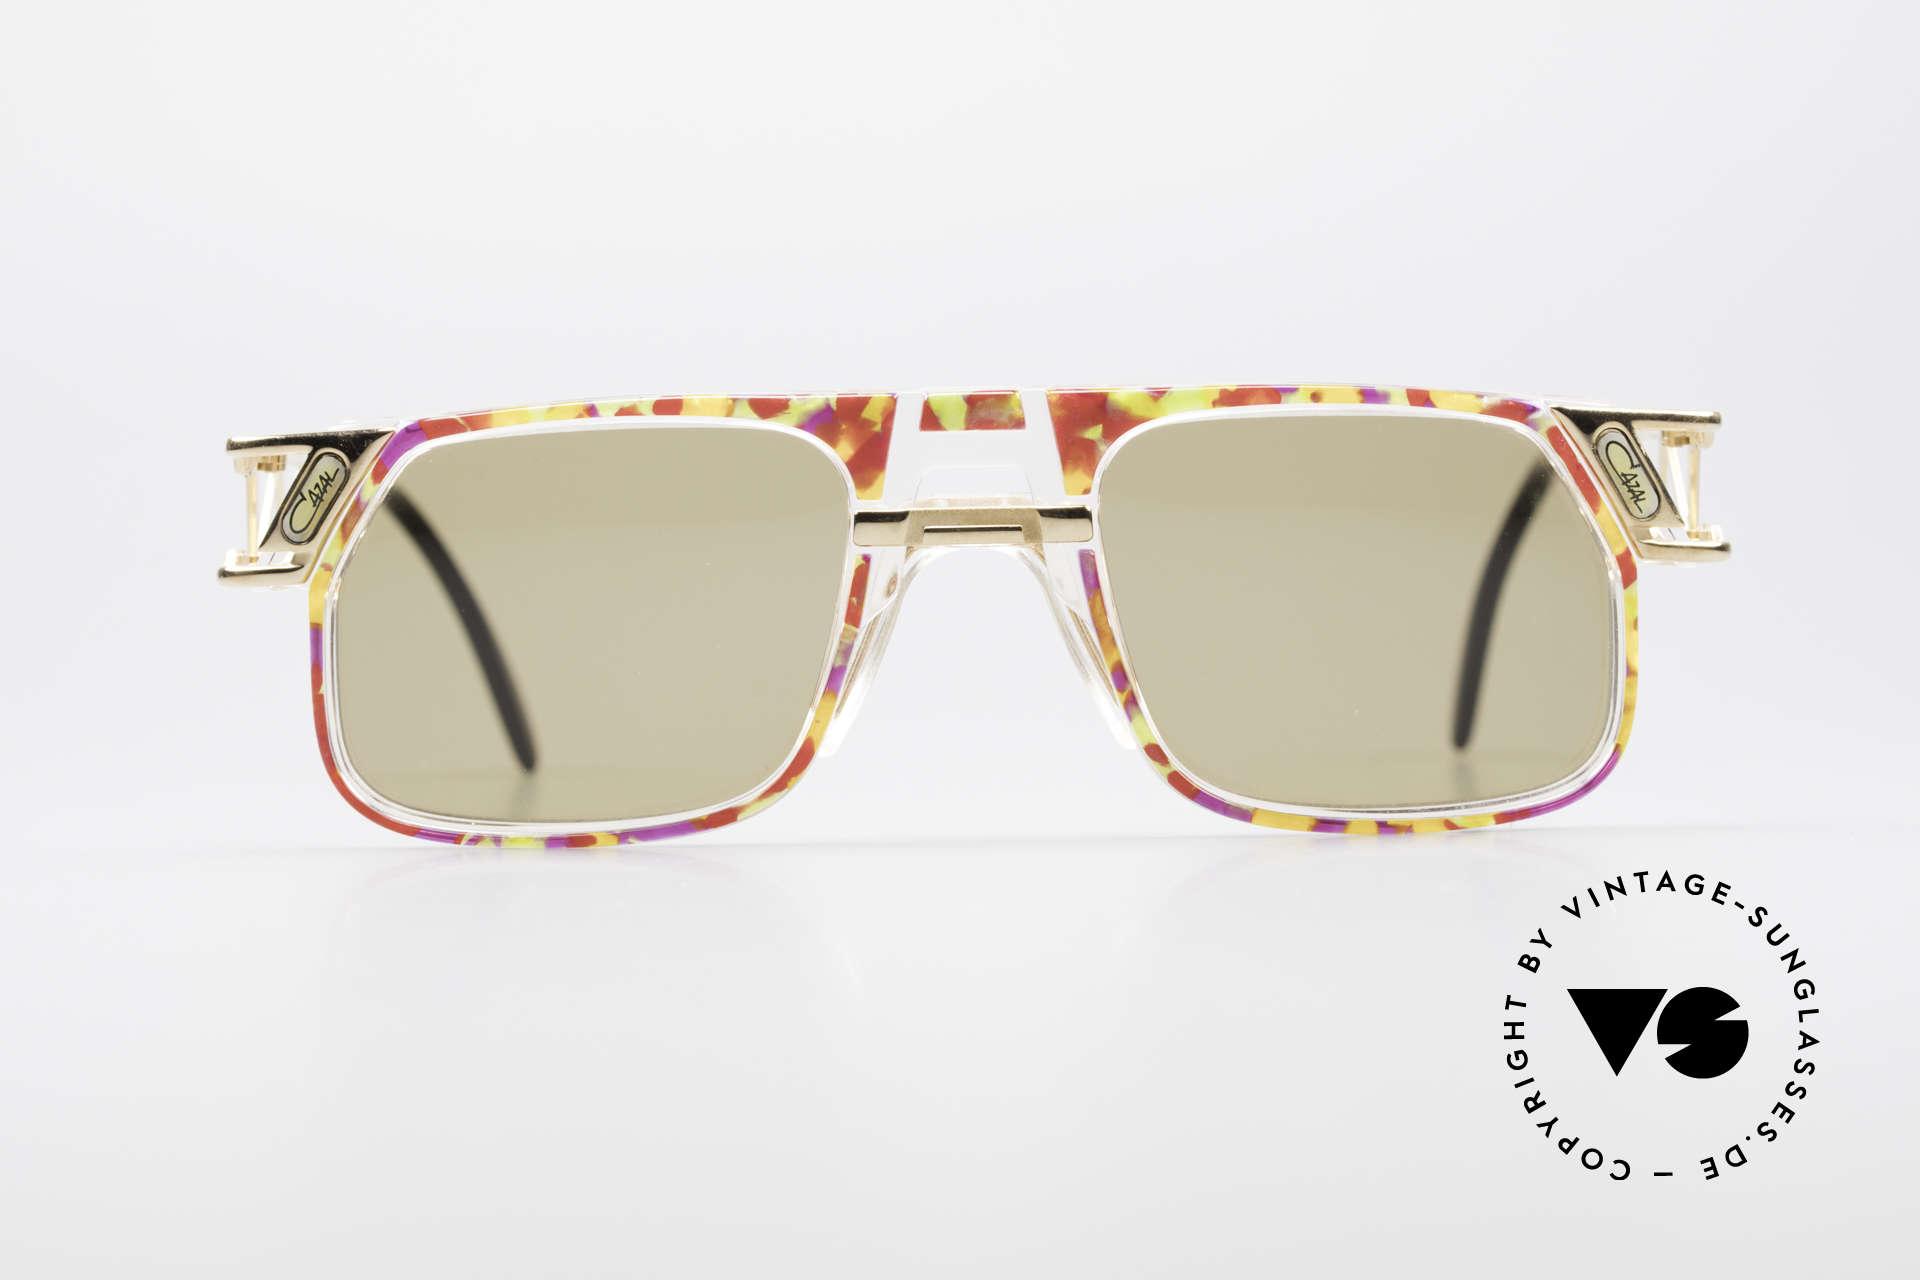 Cazal 876 90er Designer Sonnenbrille, vom Design-Papst Cari Zalloni (Mr. CAZAL) entworfen, Passend für Herren und Damen